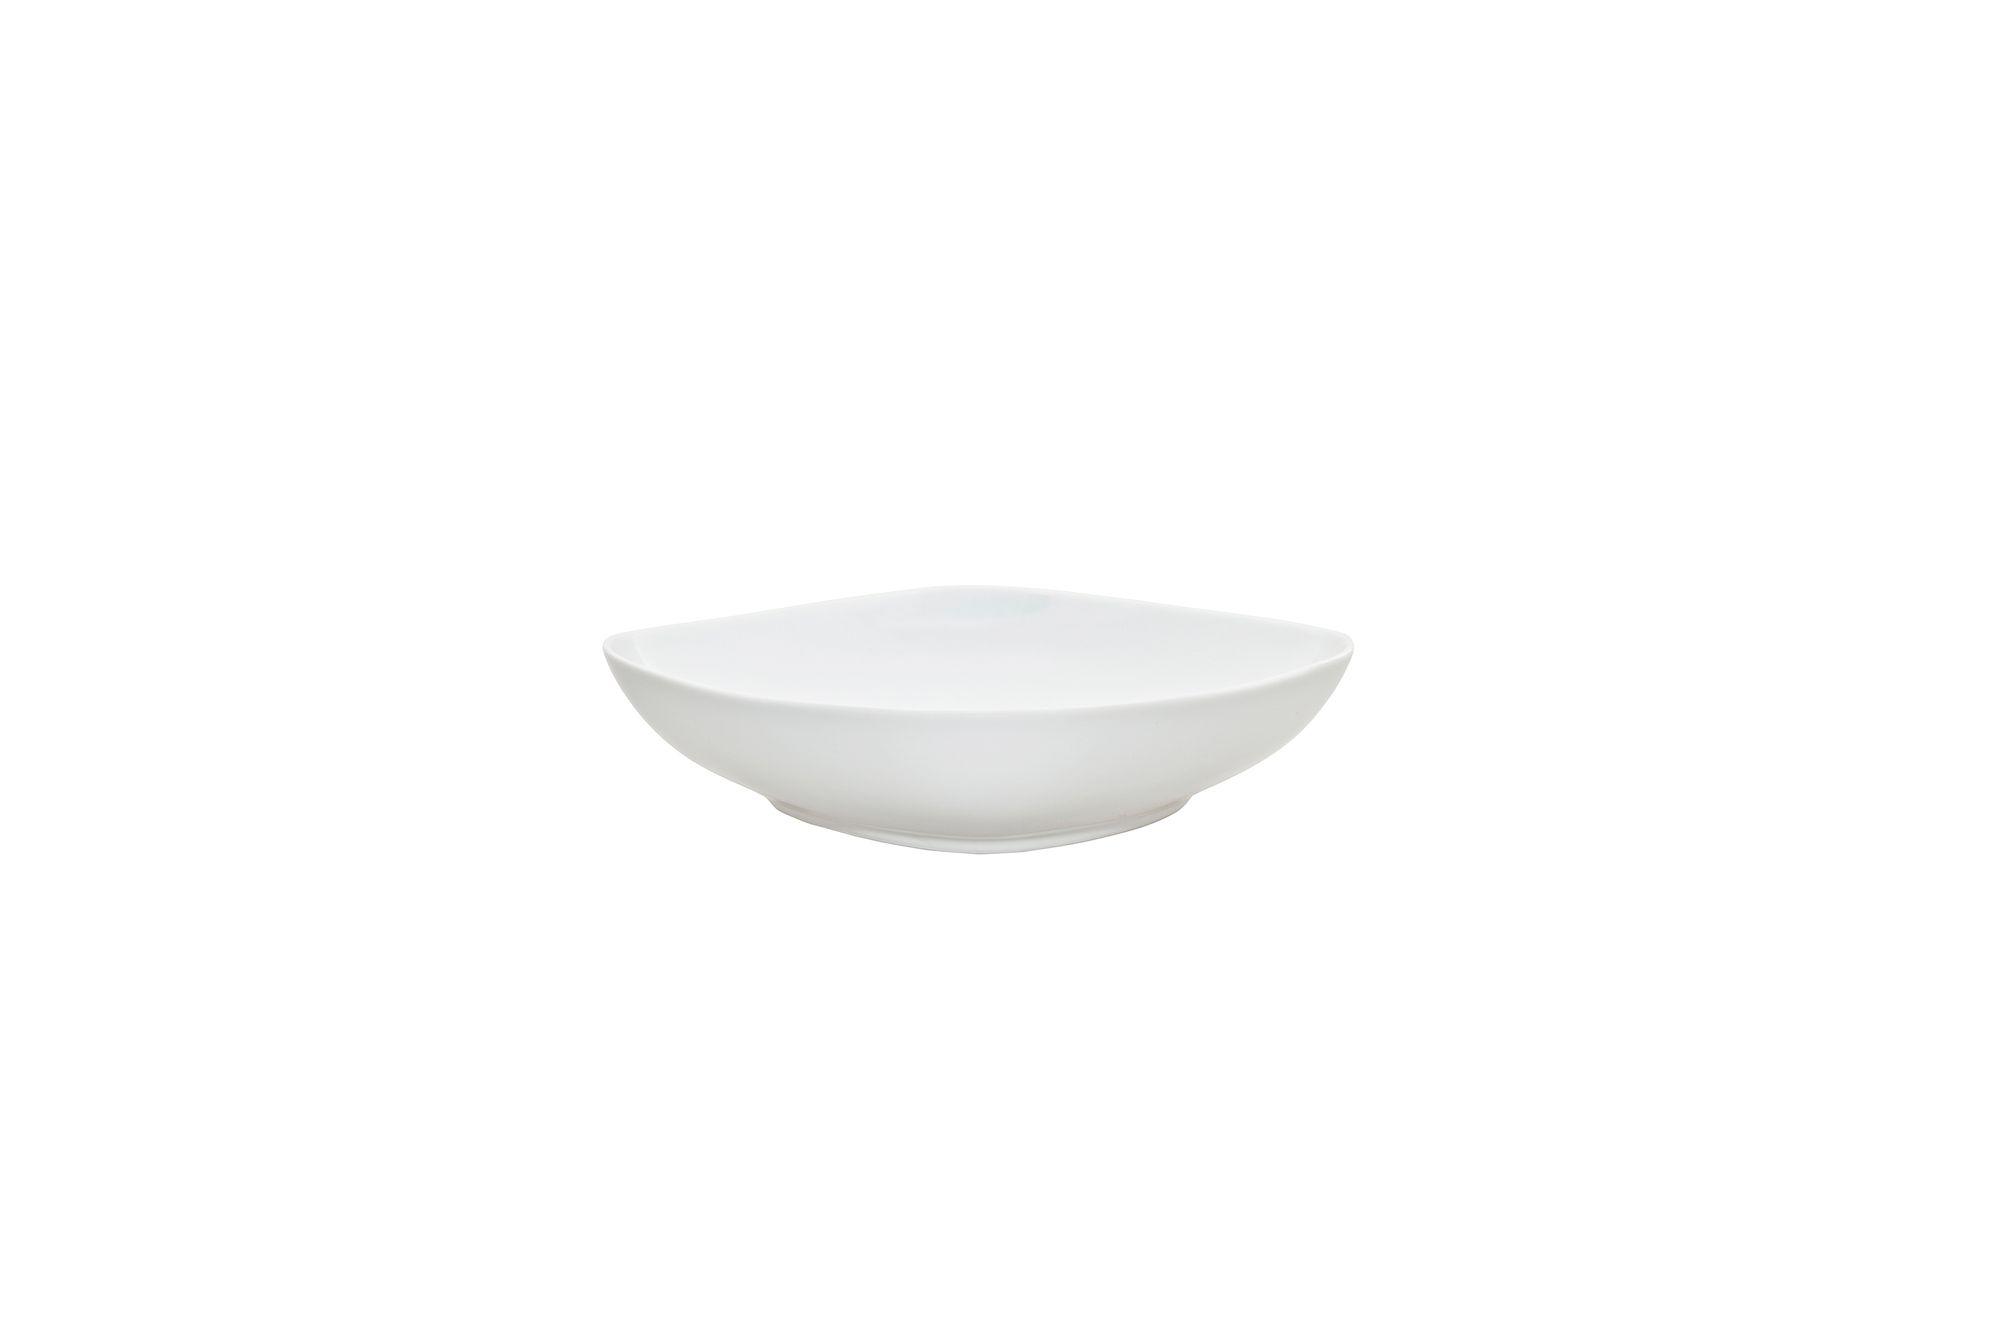 """Denby White Squares Pasta Bowl 8 1/2"""" thumb 1"""